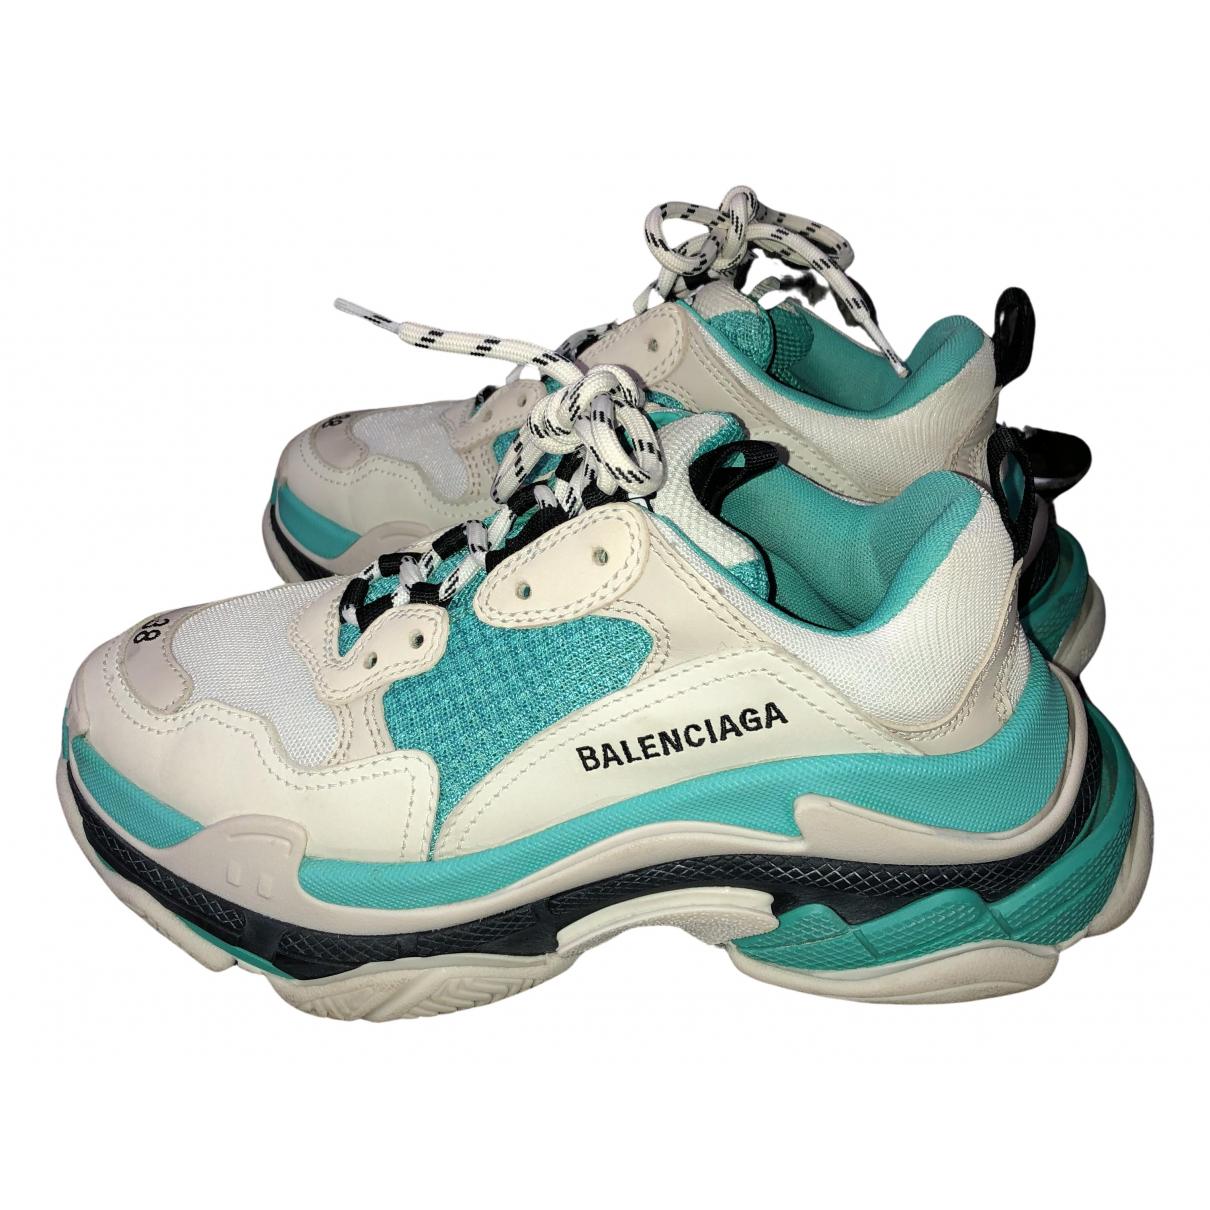 Balenciaga - Baskets Triple S pour femme - turquoise